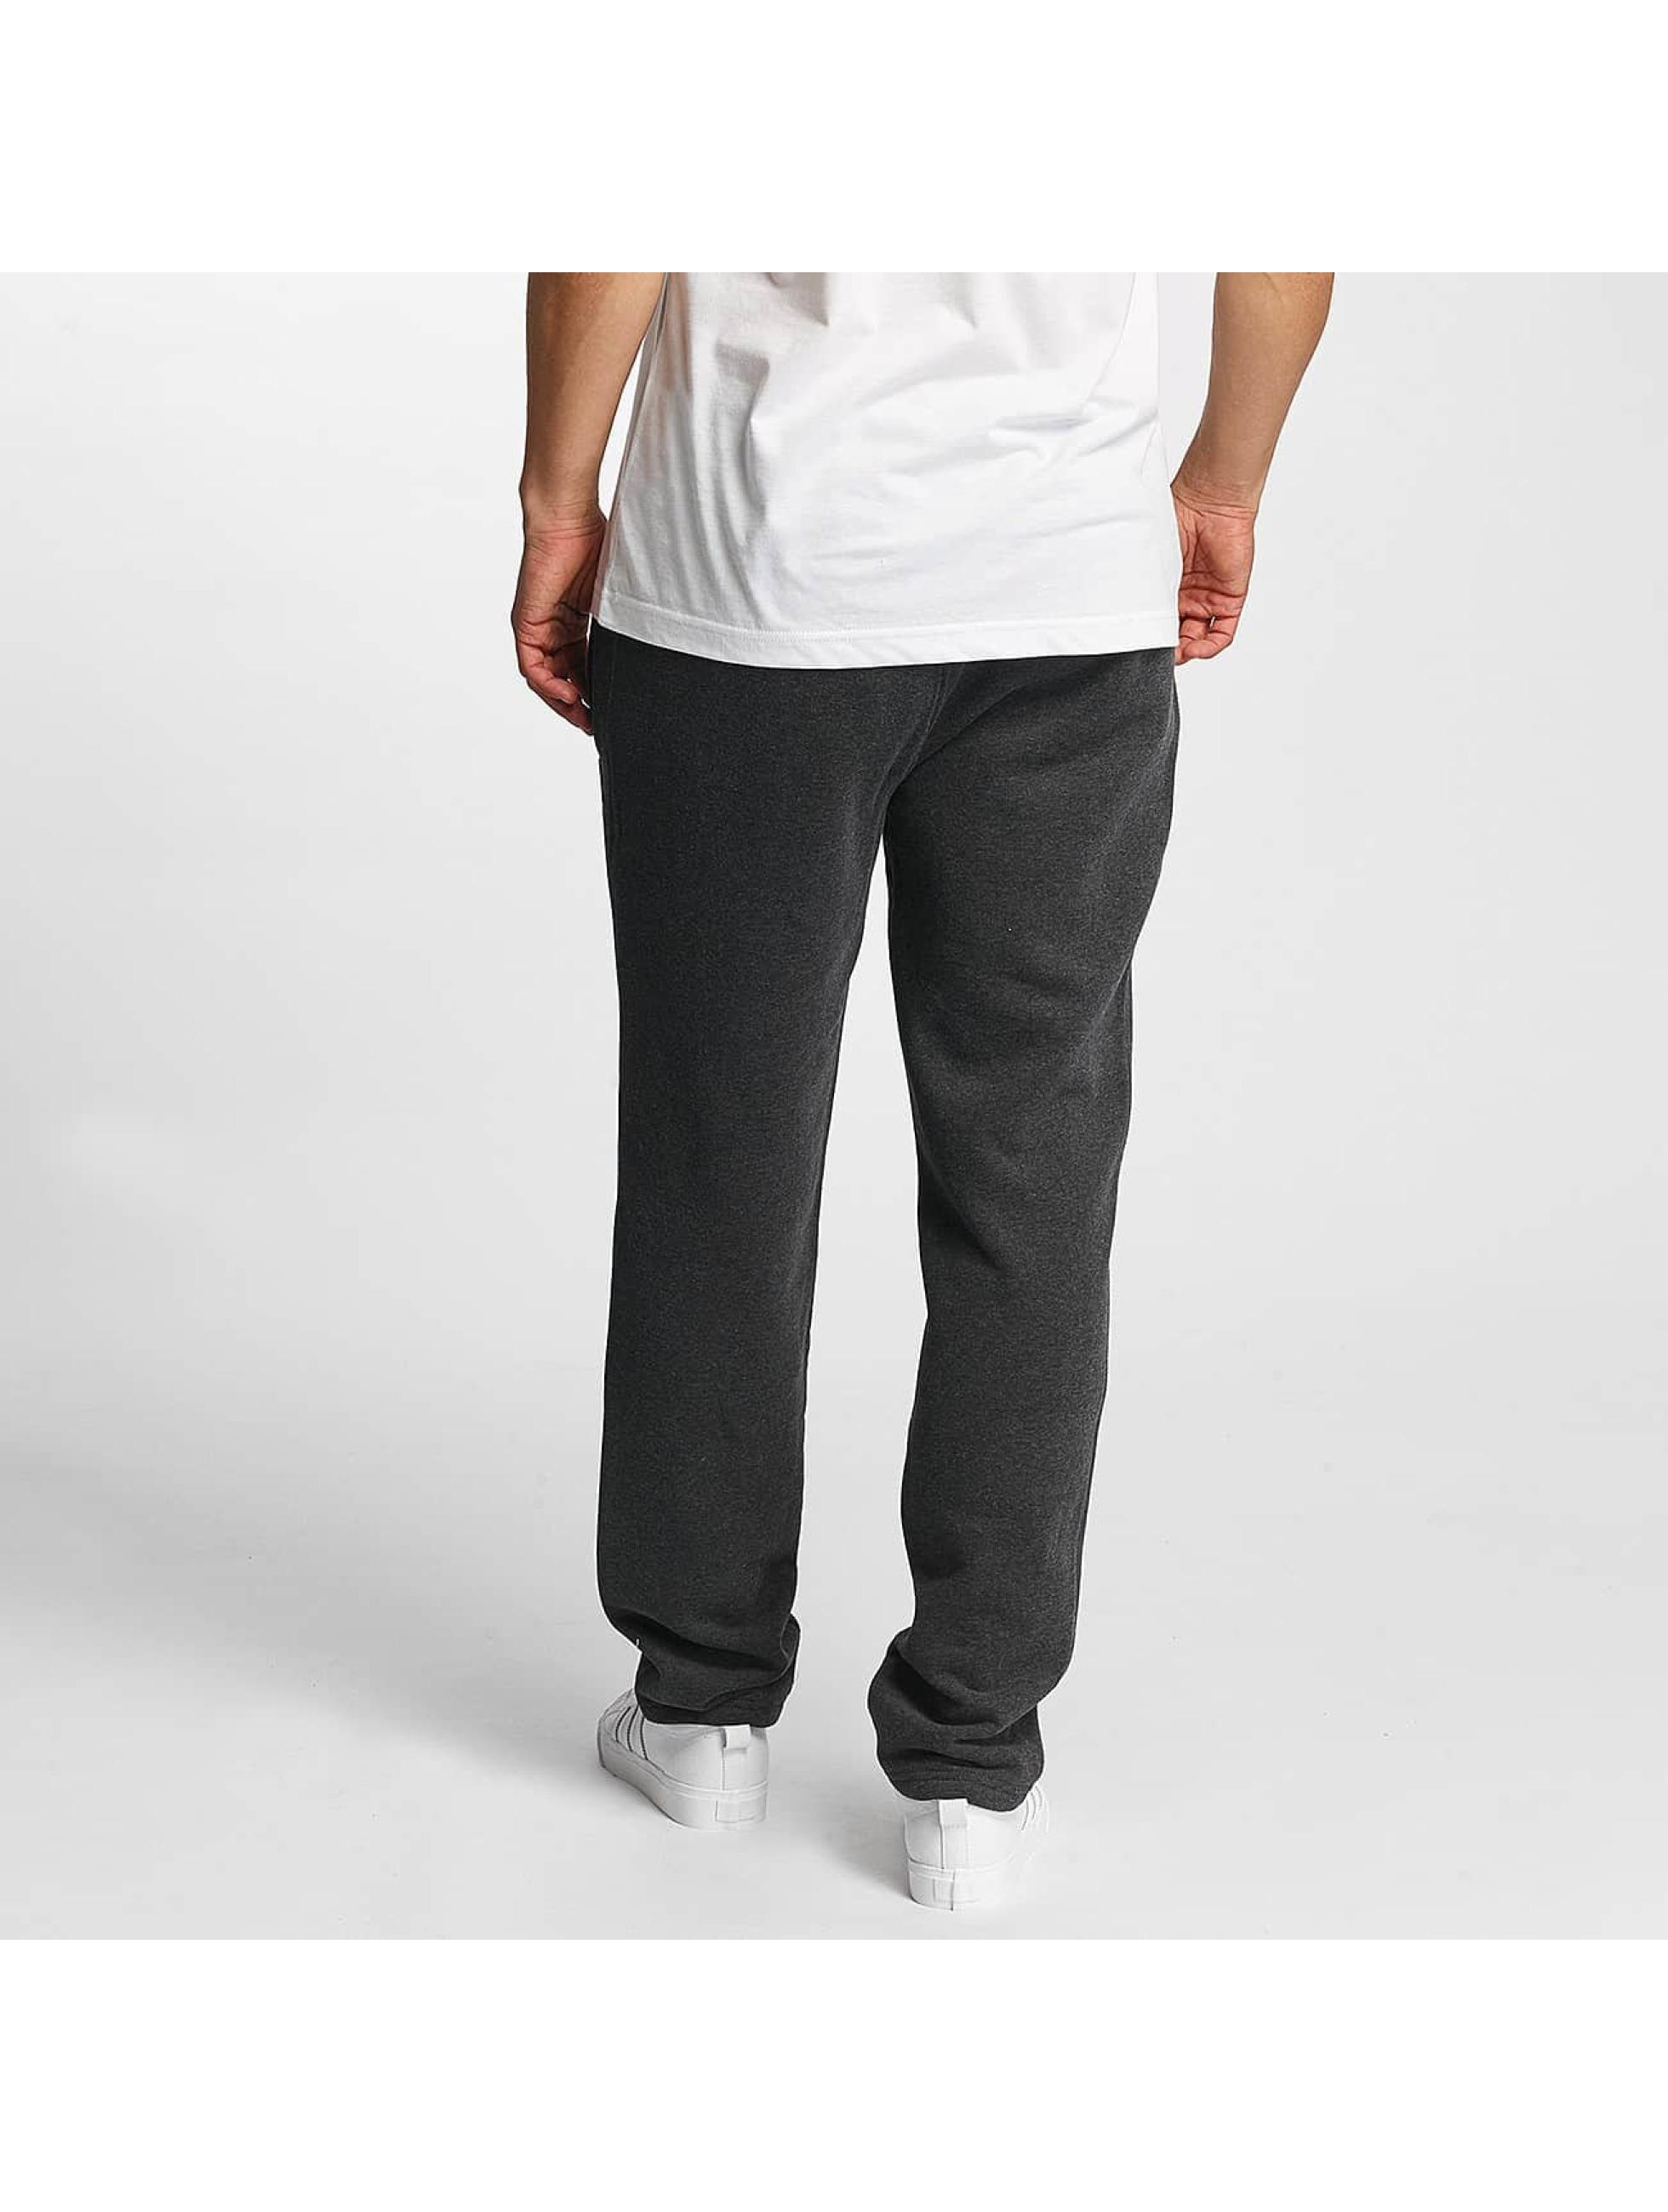 Bench joggingbroek Branded Marl grijs